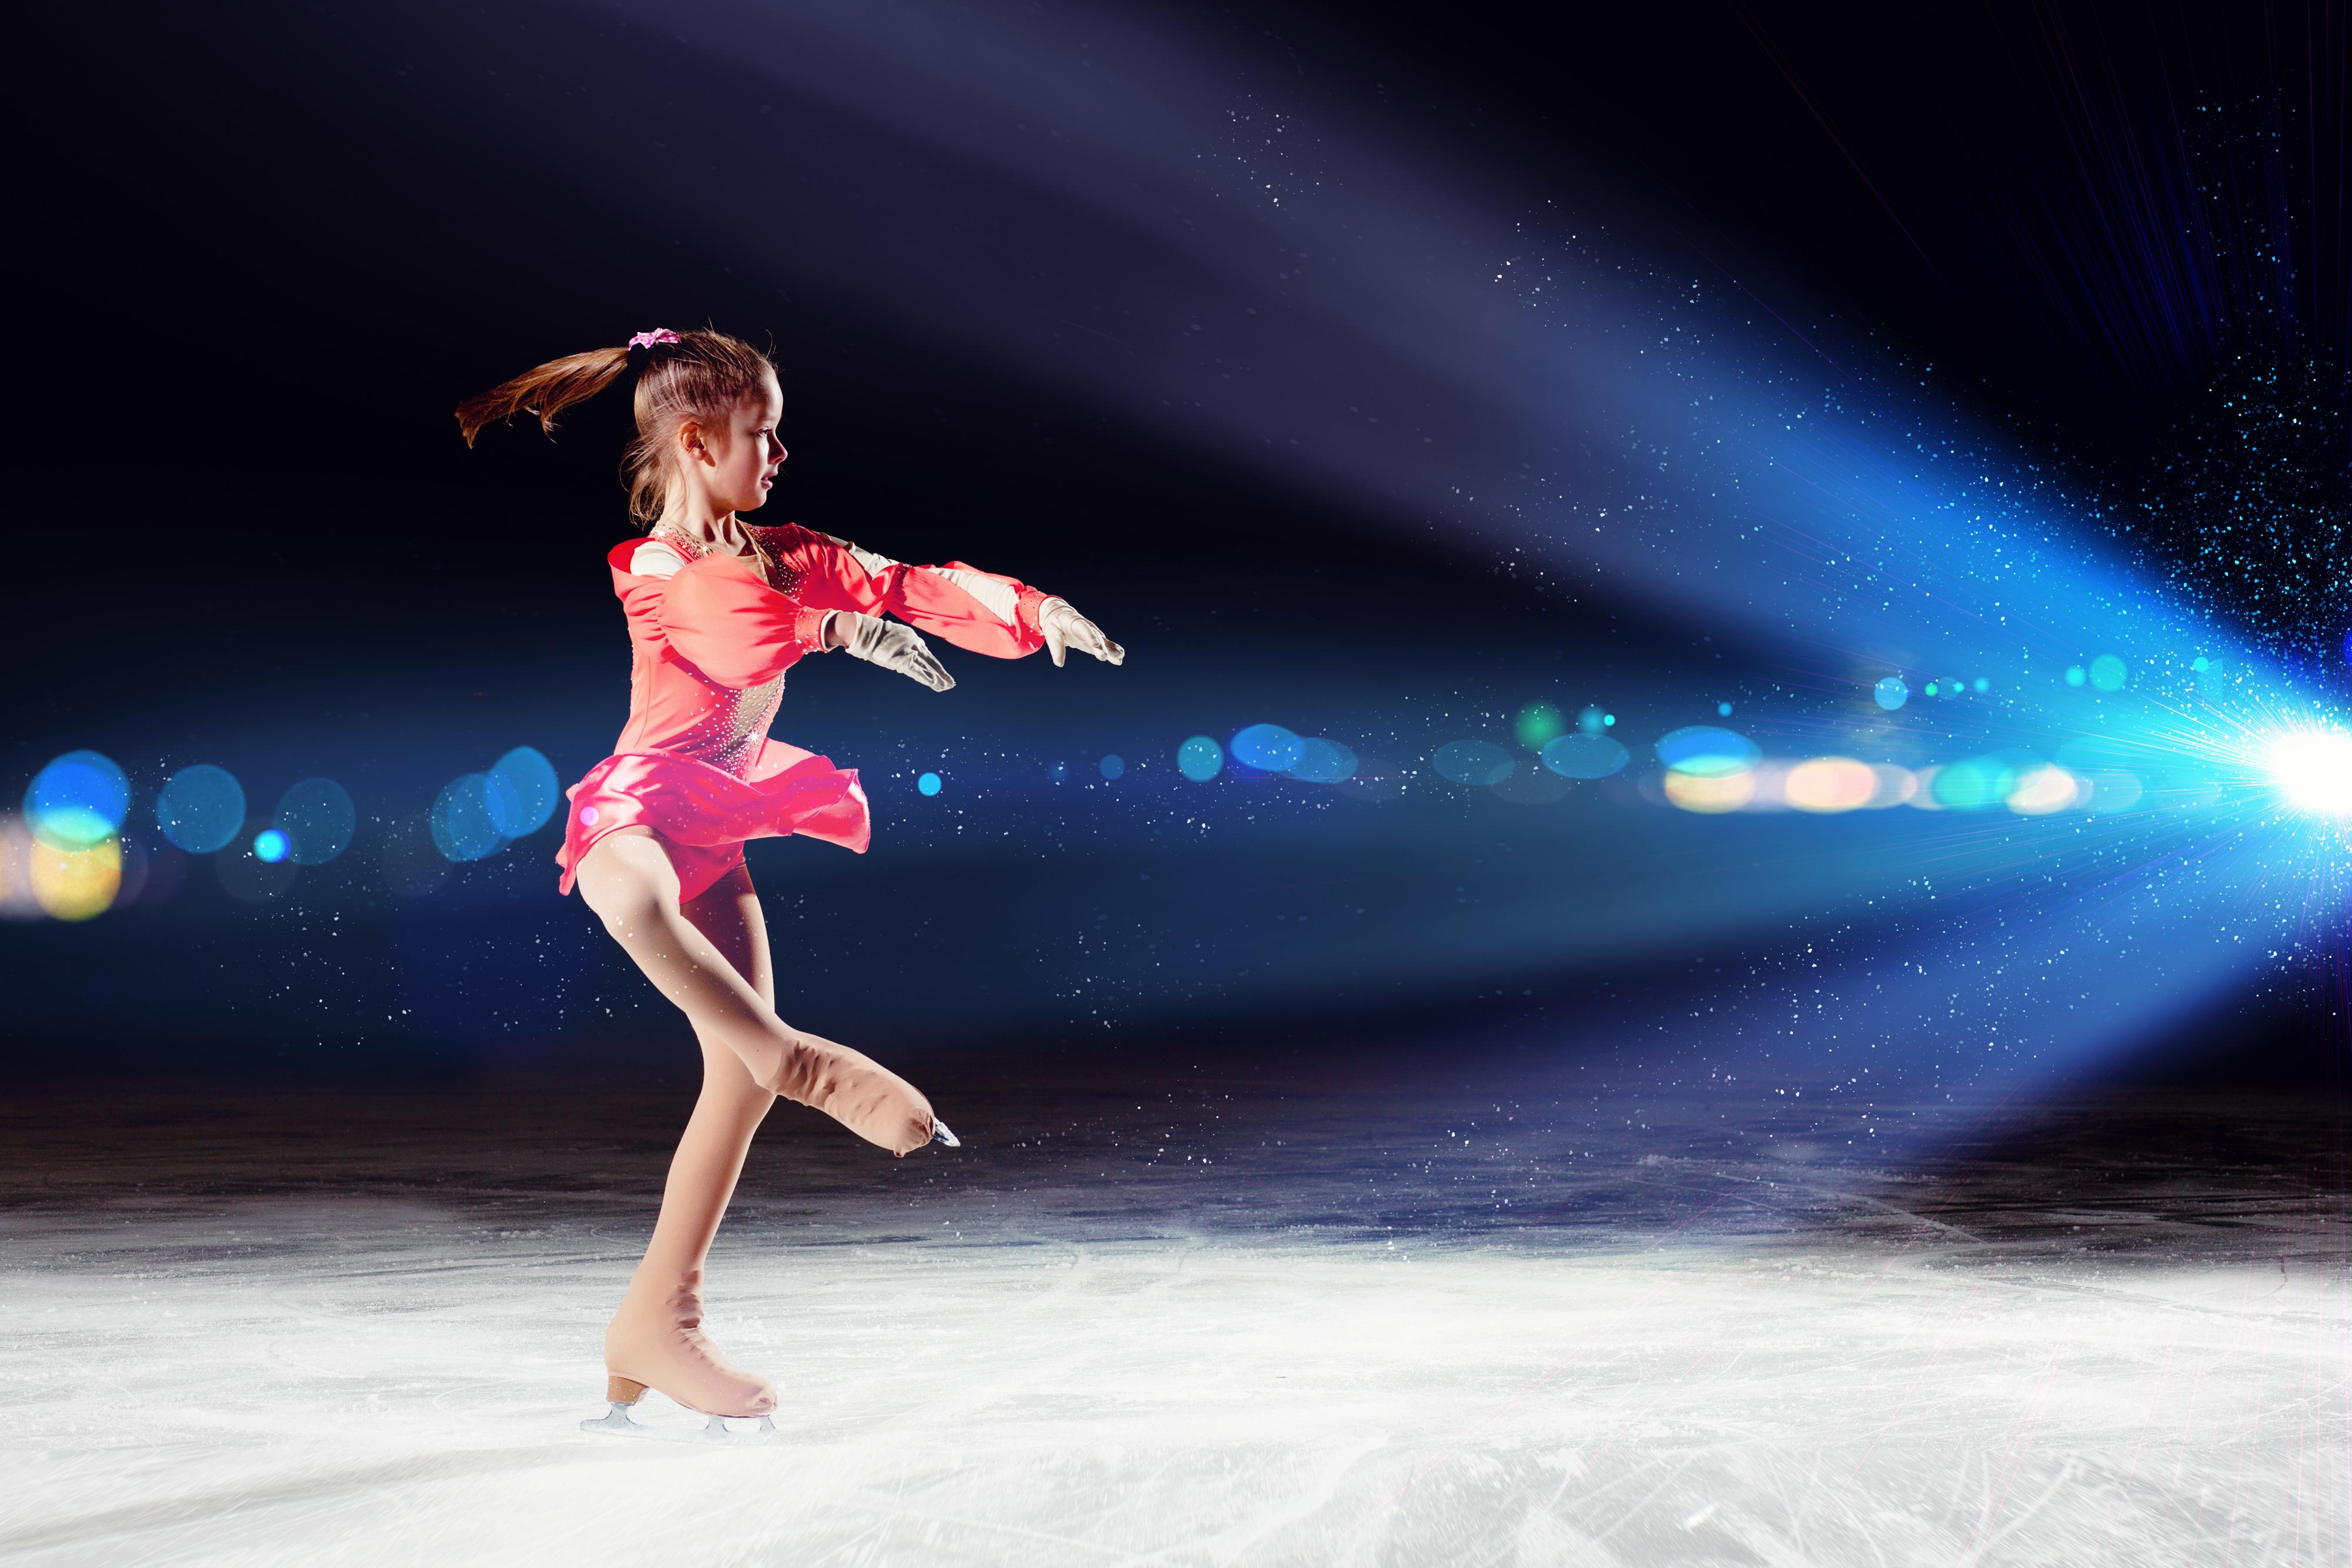 Salma On Ice